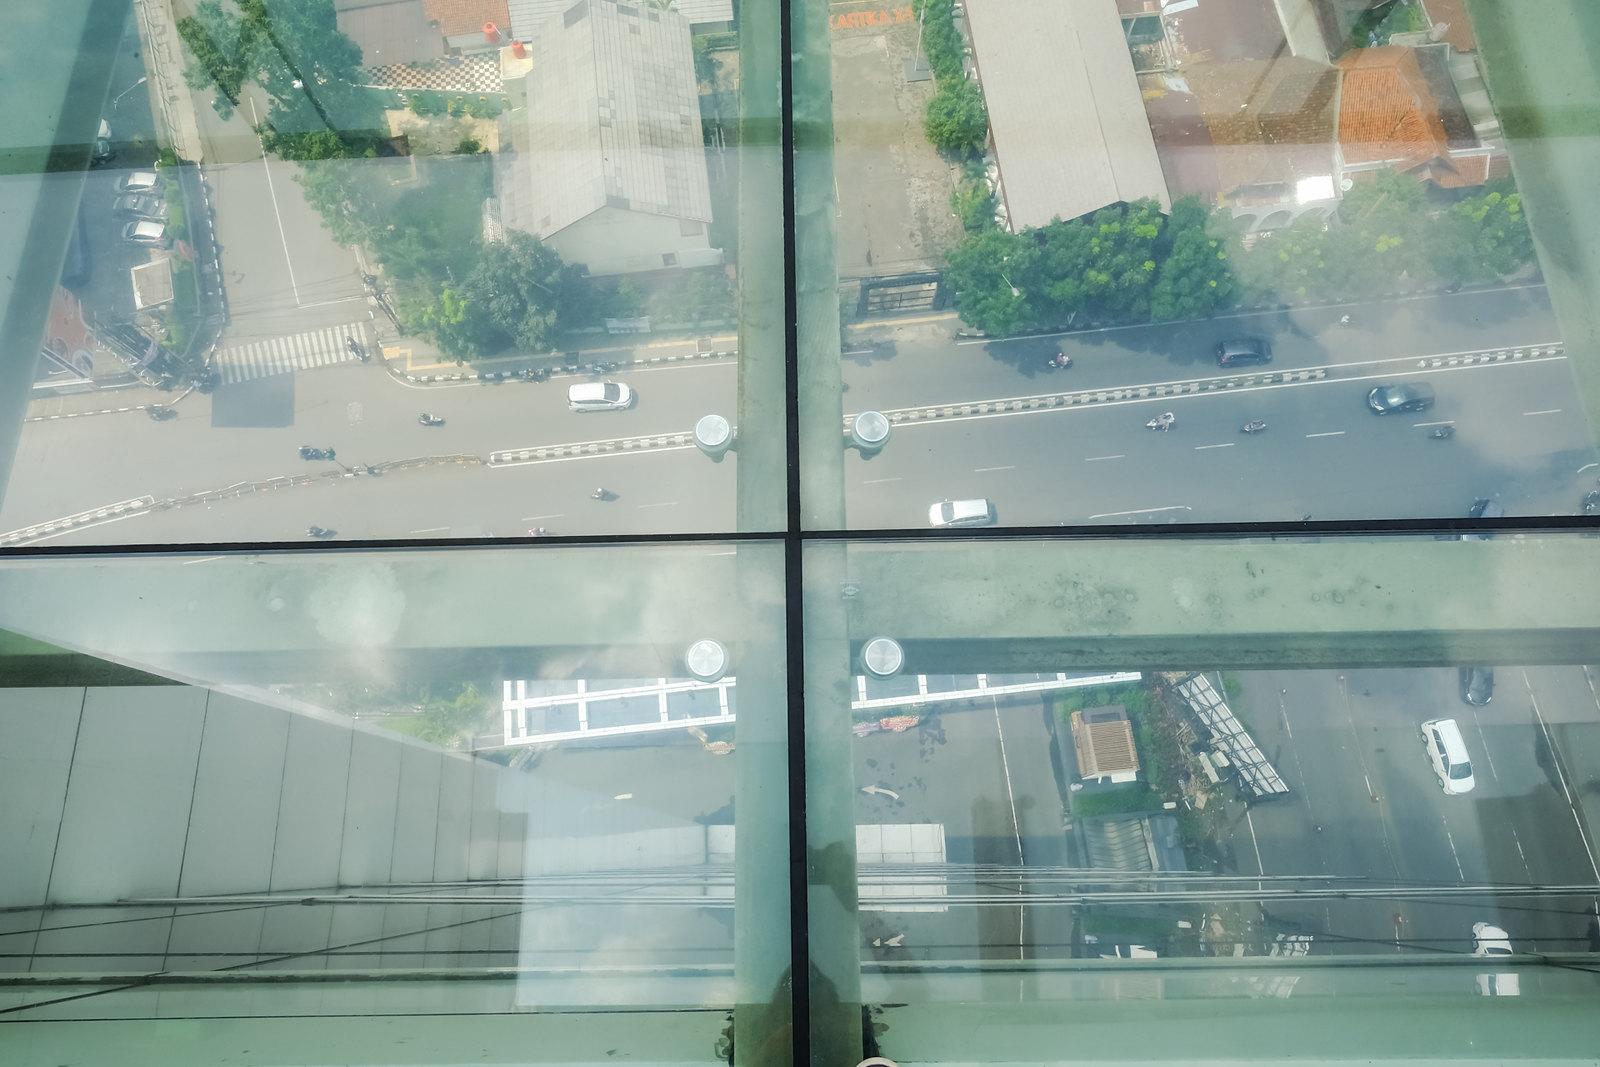 Suspended glass platform